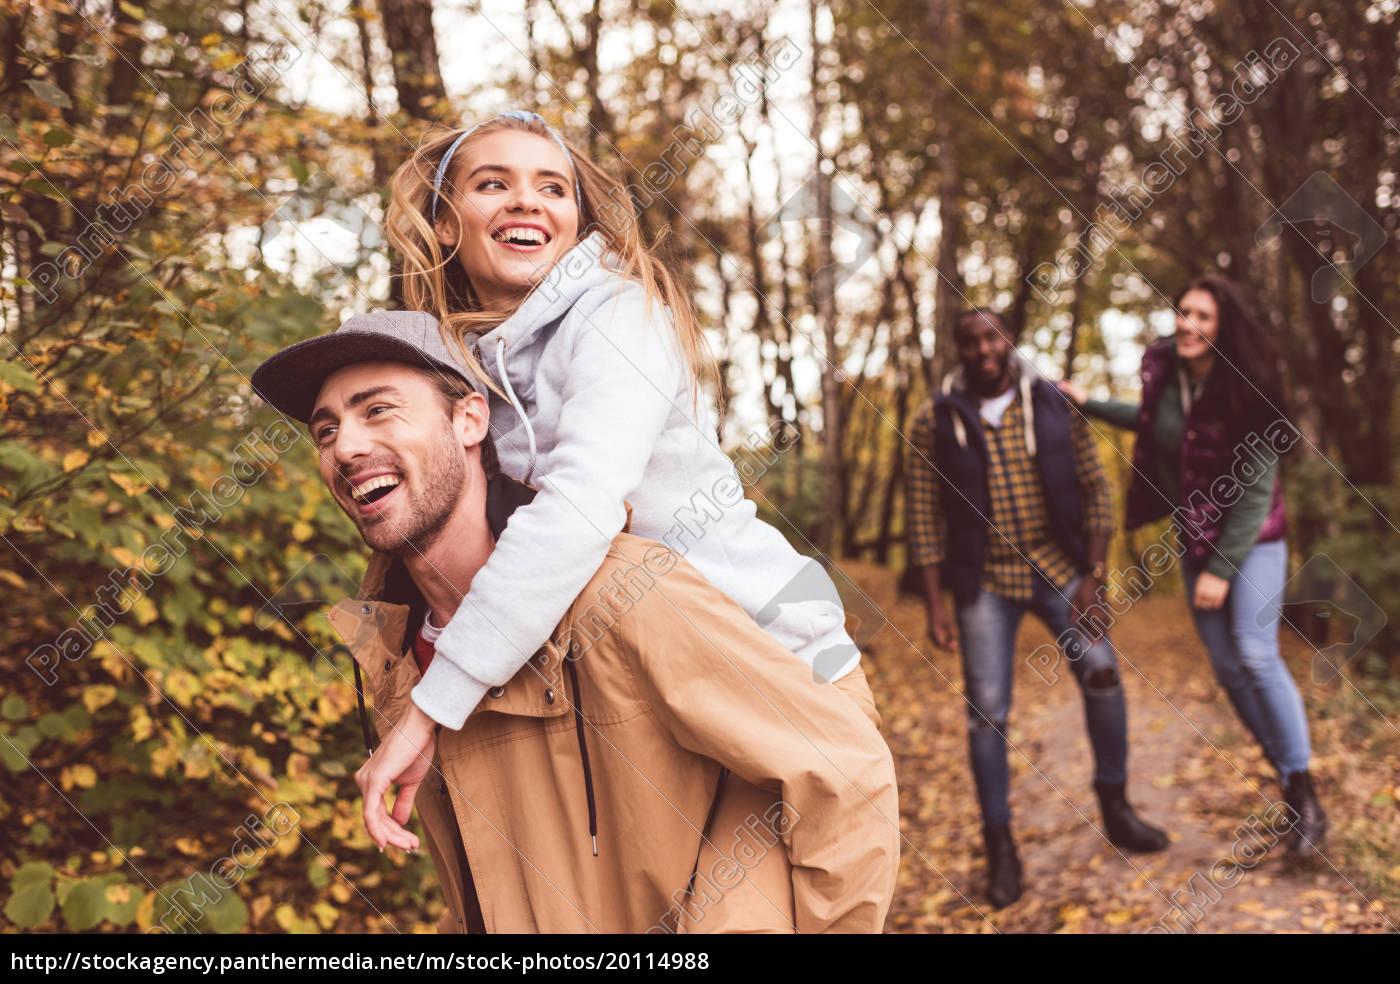 happy, friends, having, fun, in, forest - 20114988